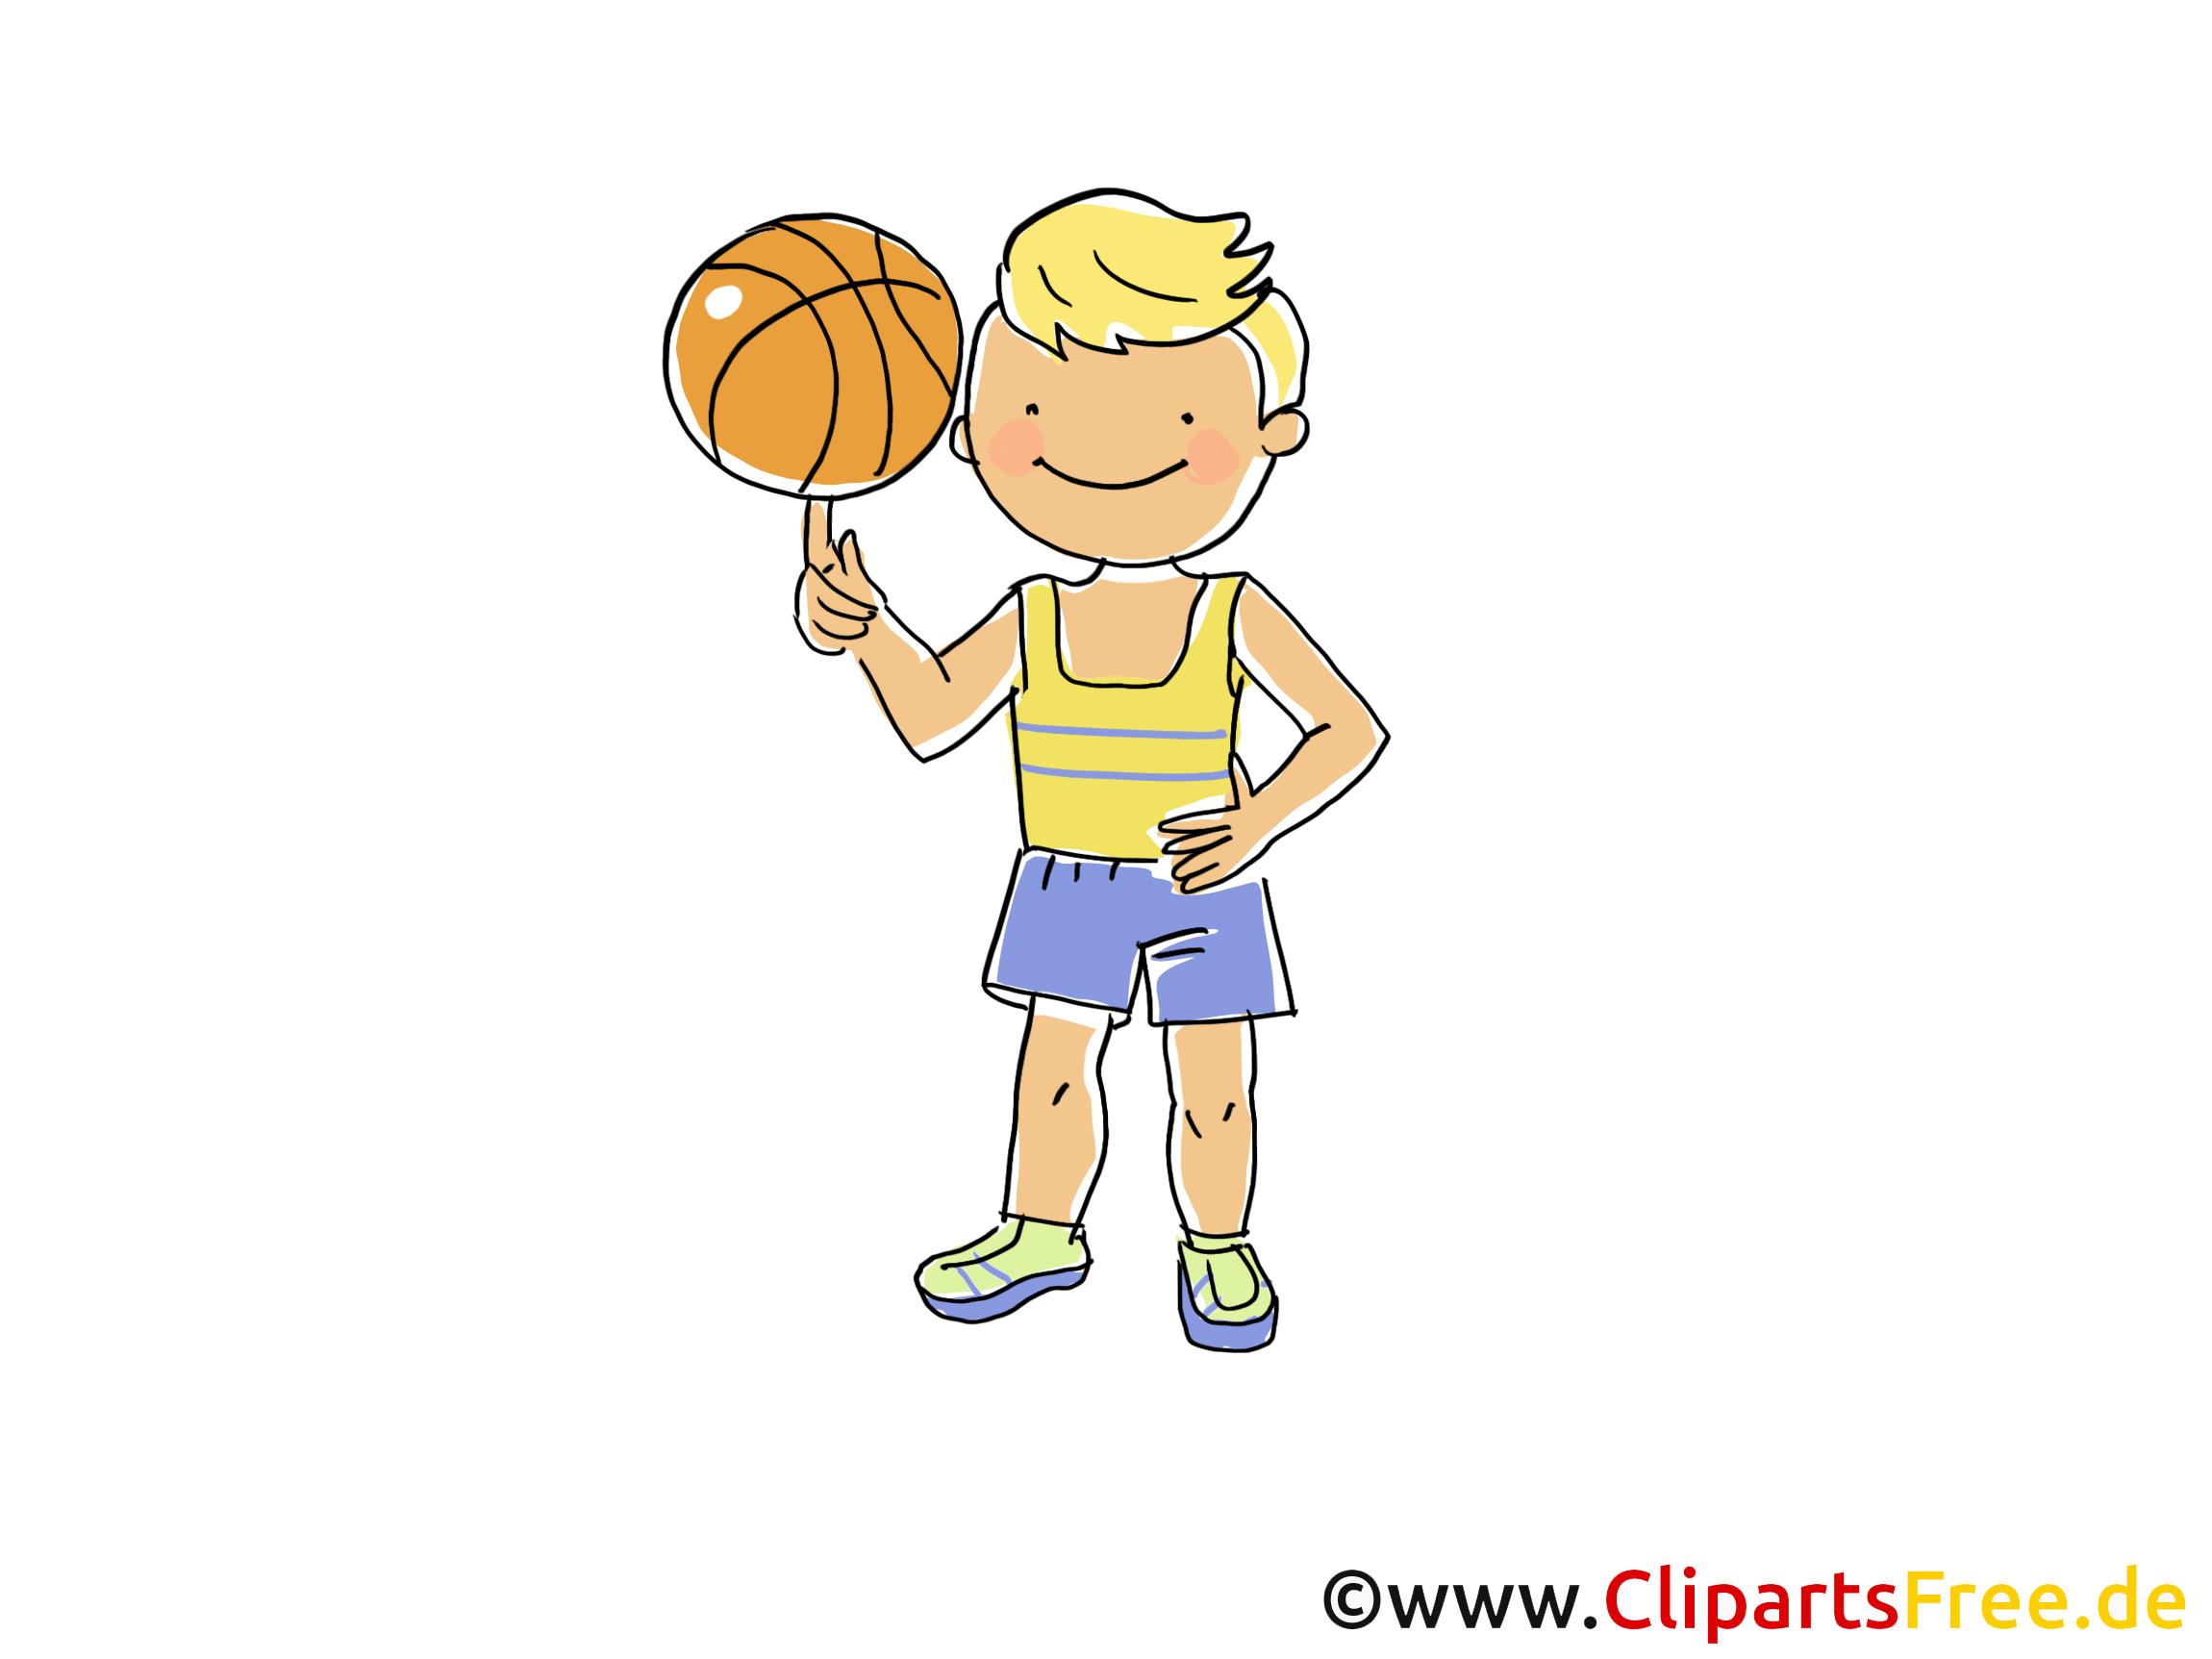 Basketbal Speler Afbeelding, Clip Art Sport, Cartoon, Cartoon, Afbeelding Gratis